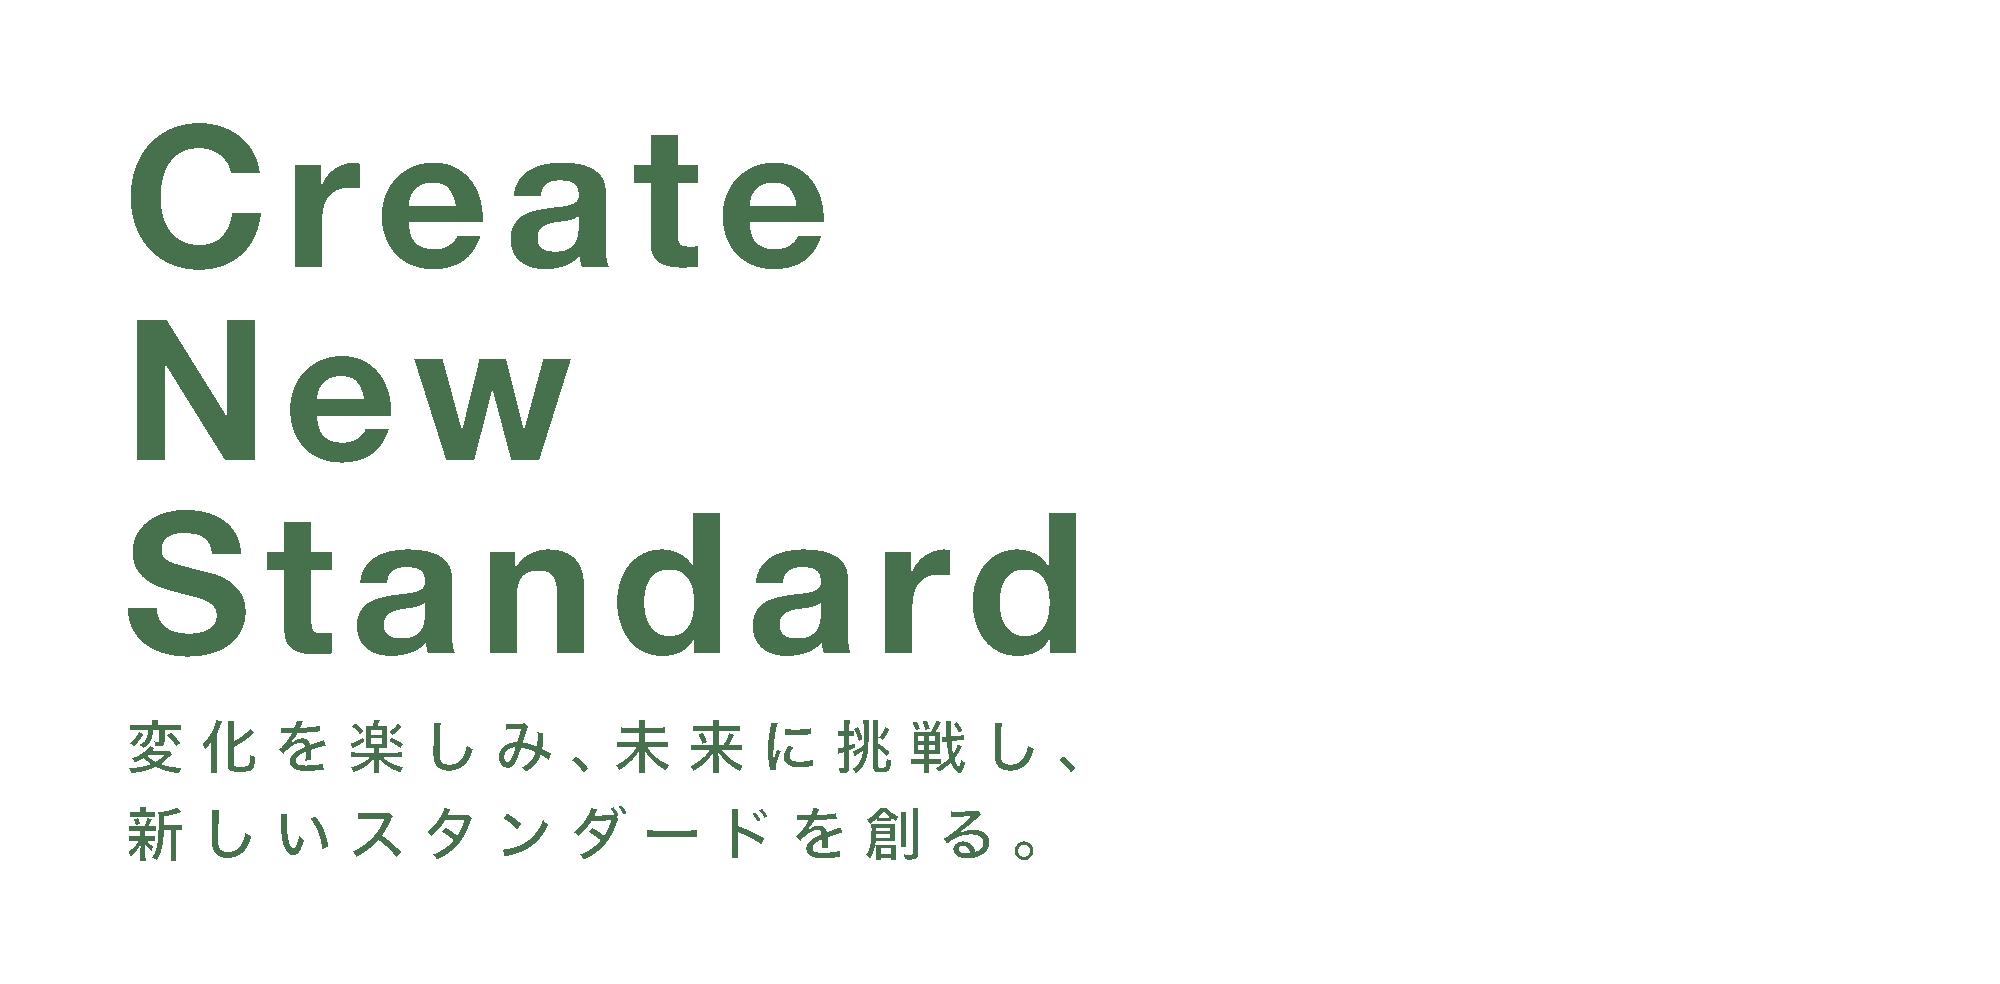 変化を楽しみ、未来に挑戦し、新しいスタンダードを創る。